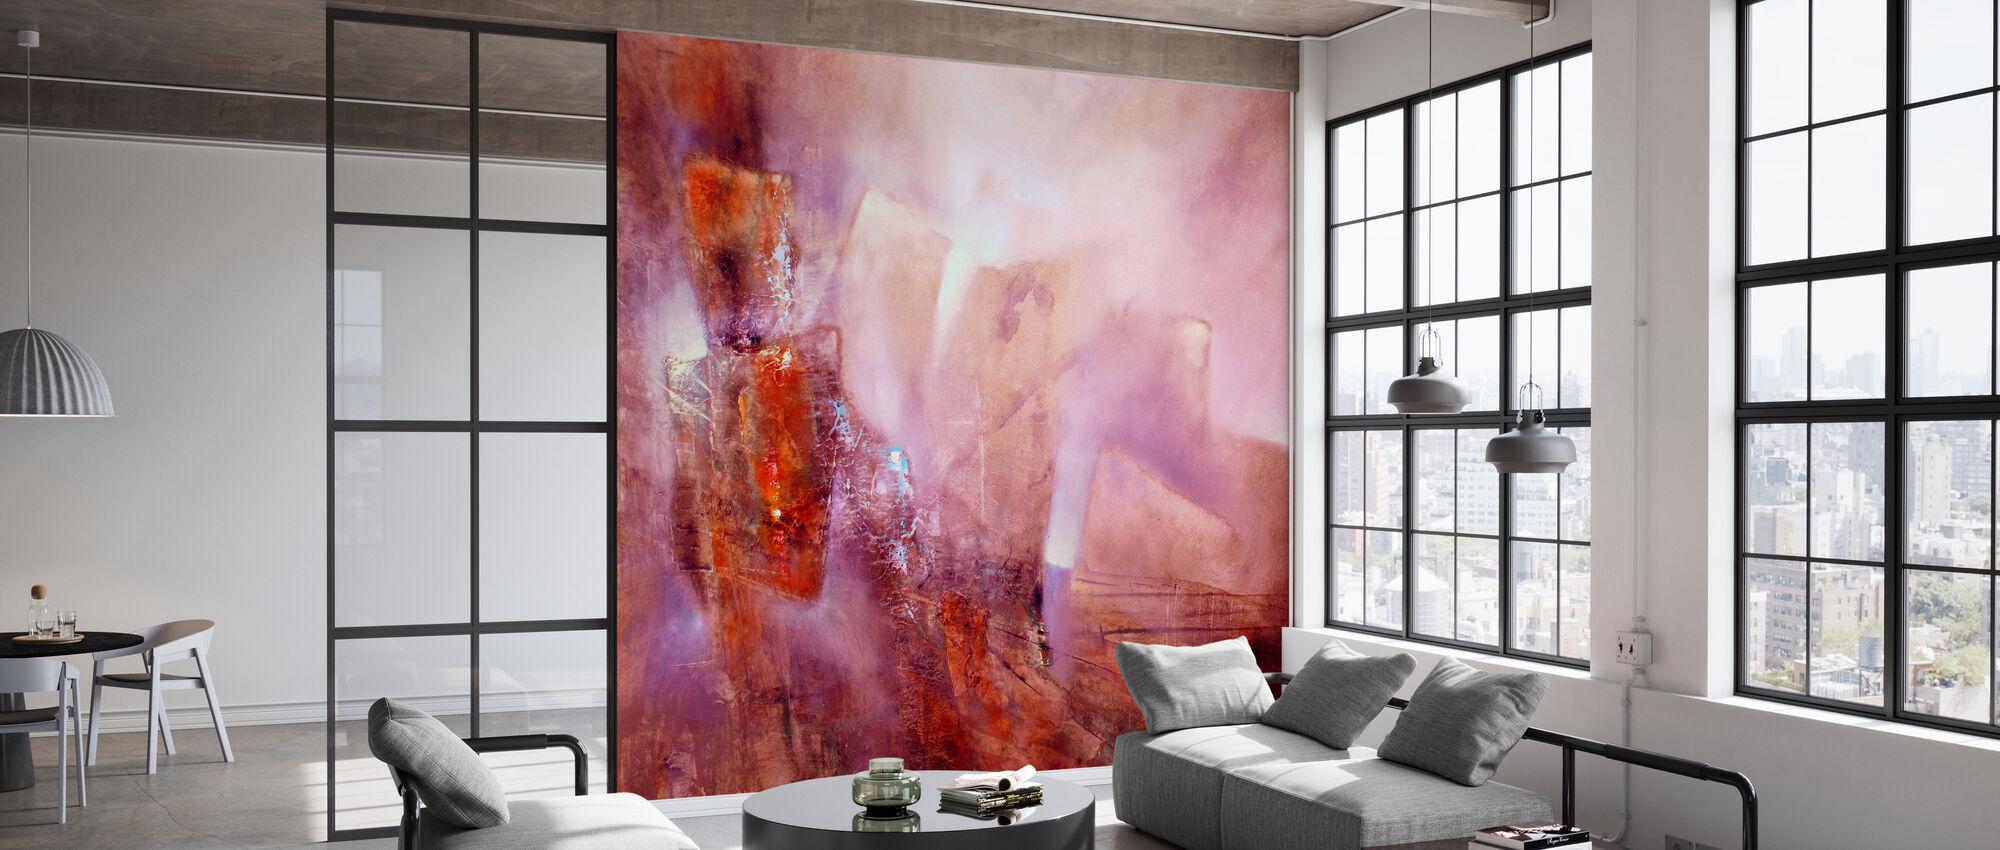 Dialogue - Wallpaper - Office